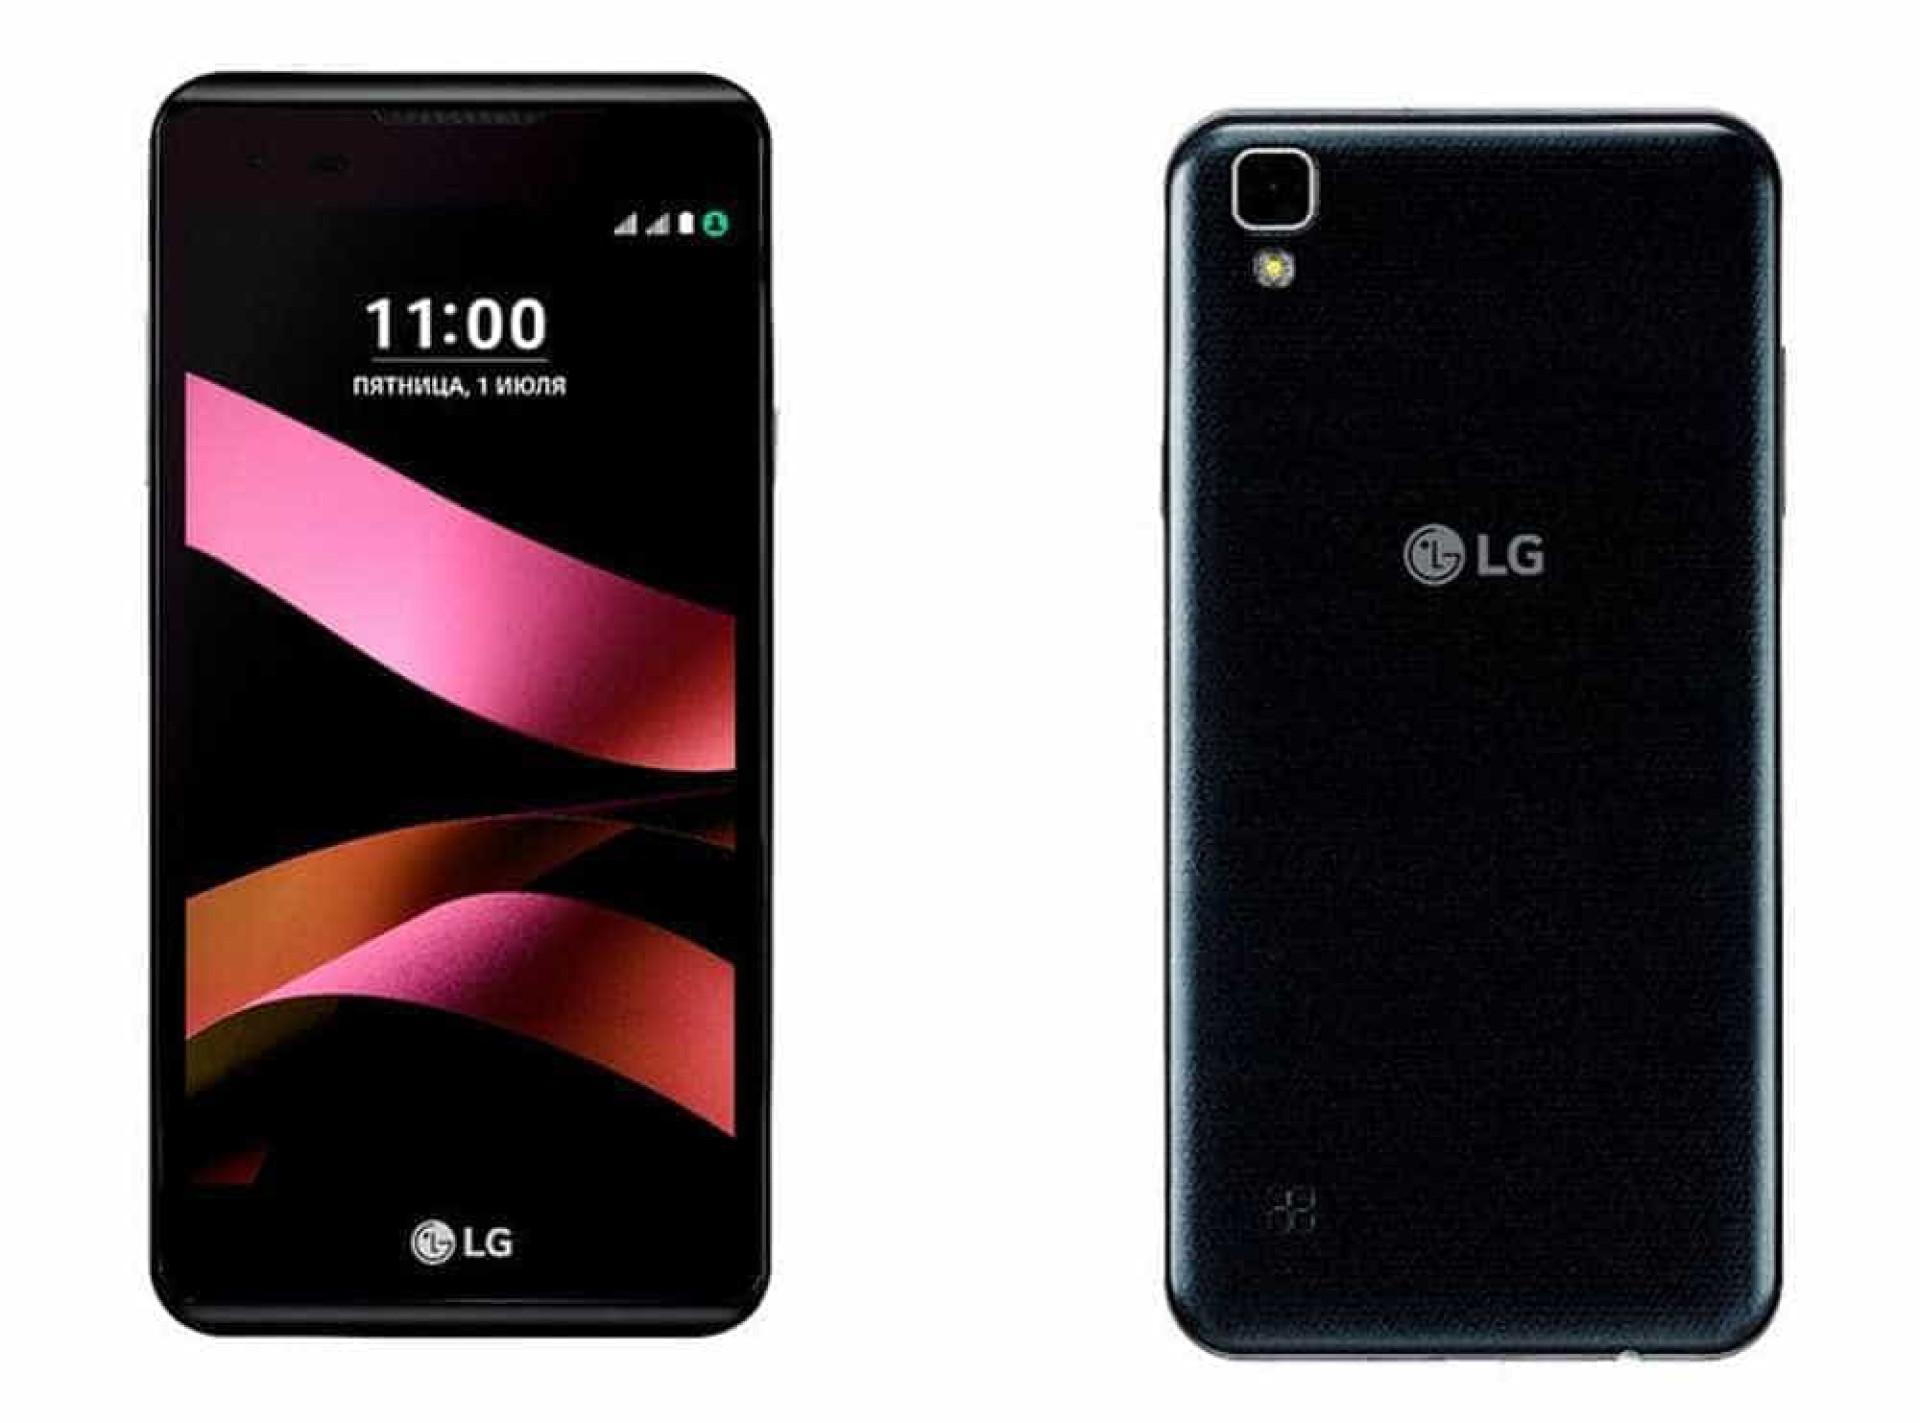 Conheça os 5 celulares mais pesquisados por até R$ 500